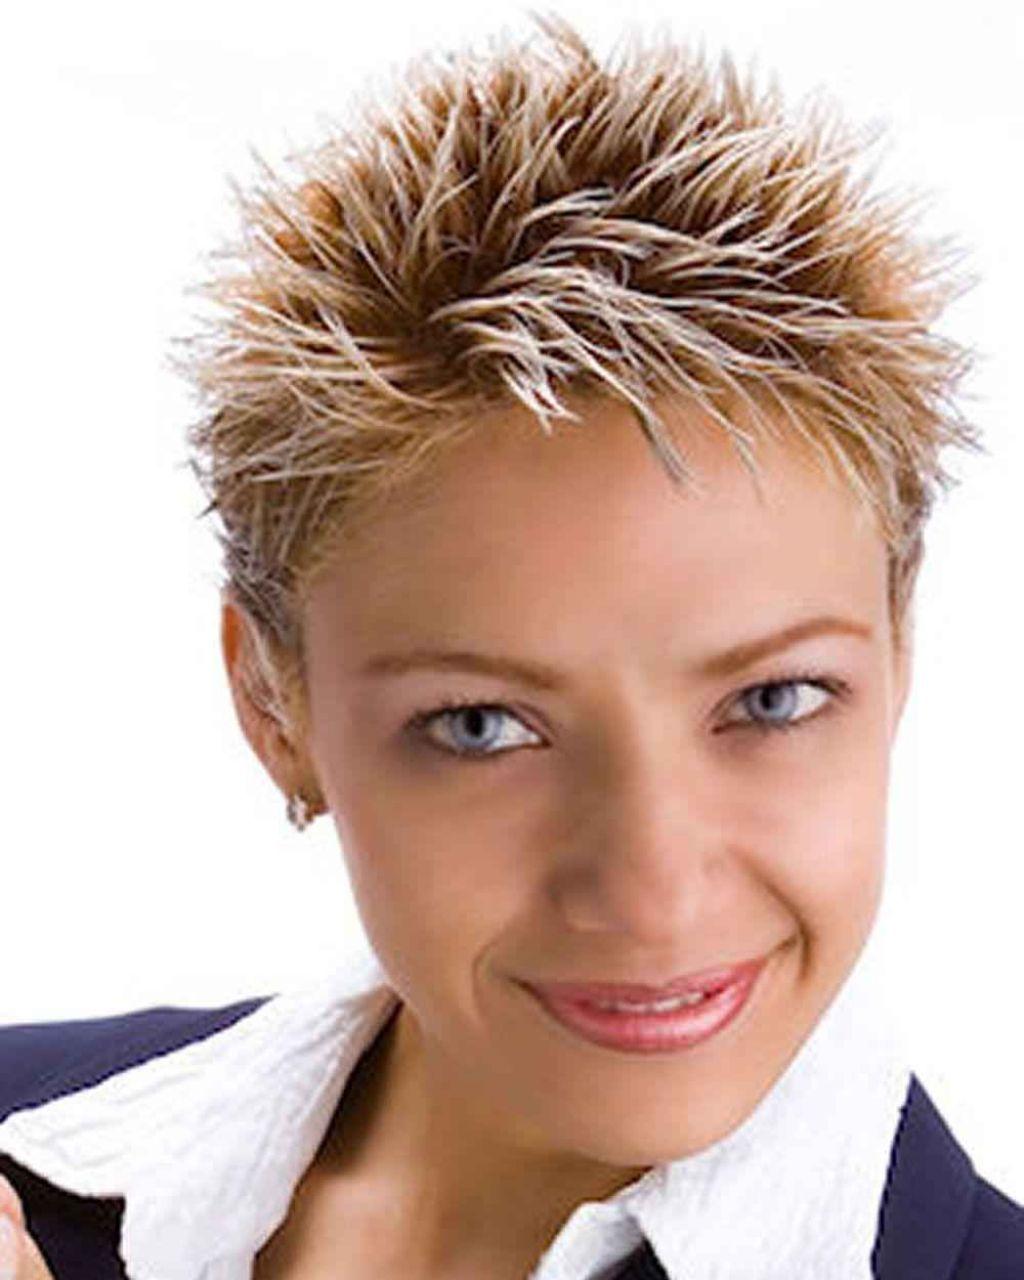 24 fresh short spiky hairstyles for women: short spiky